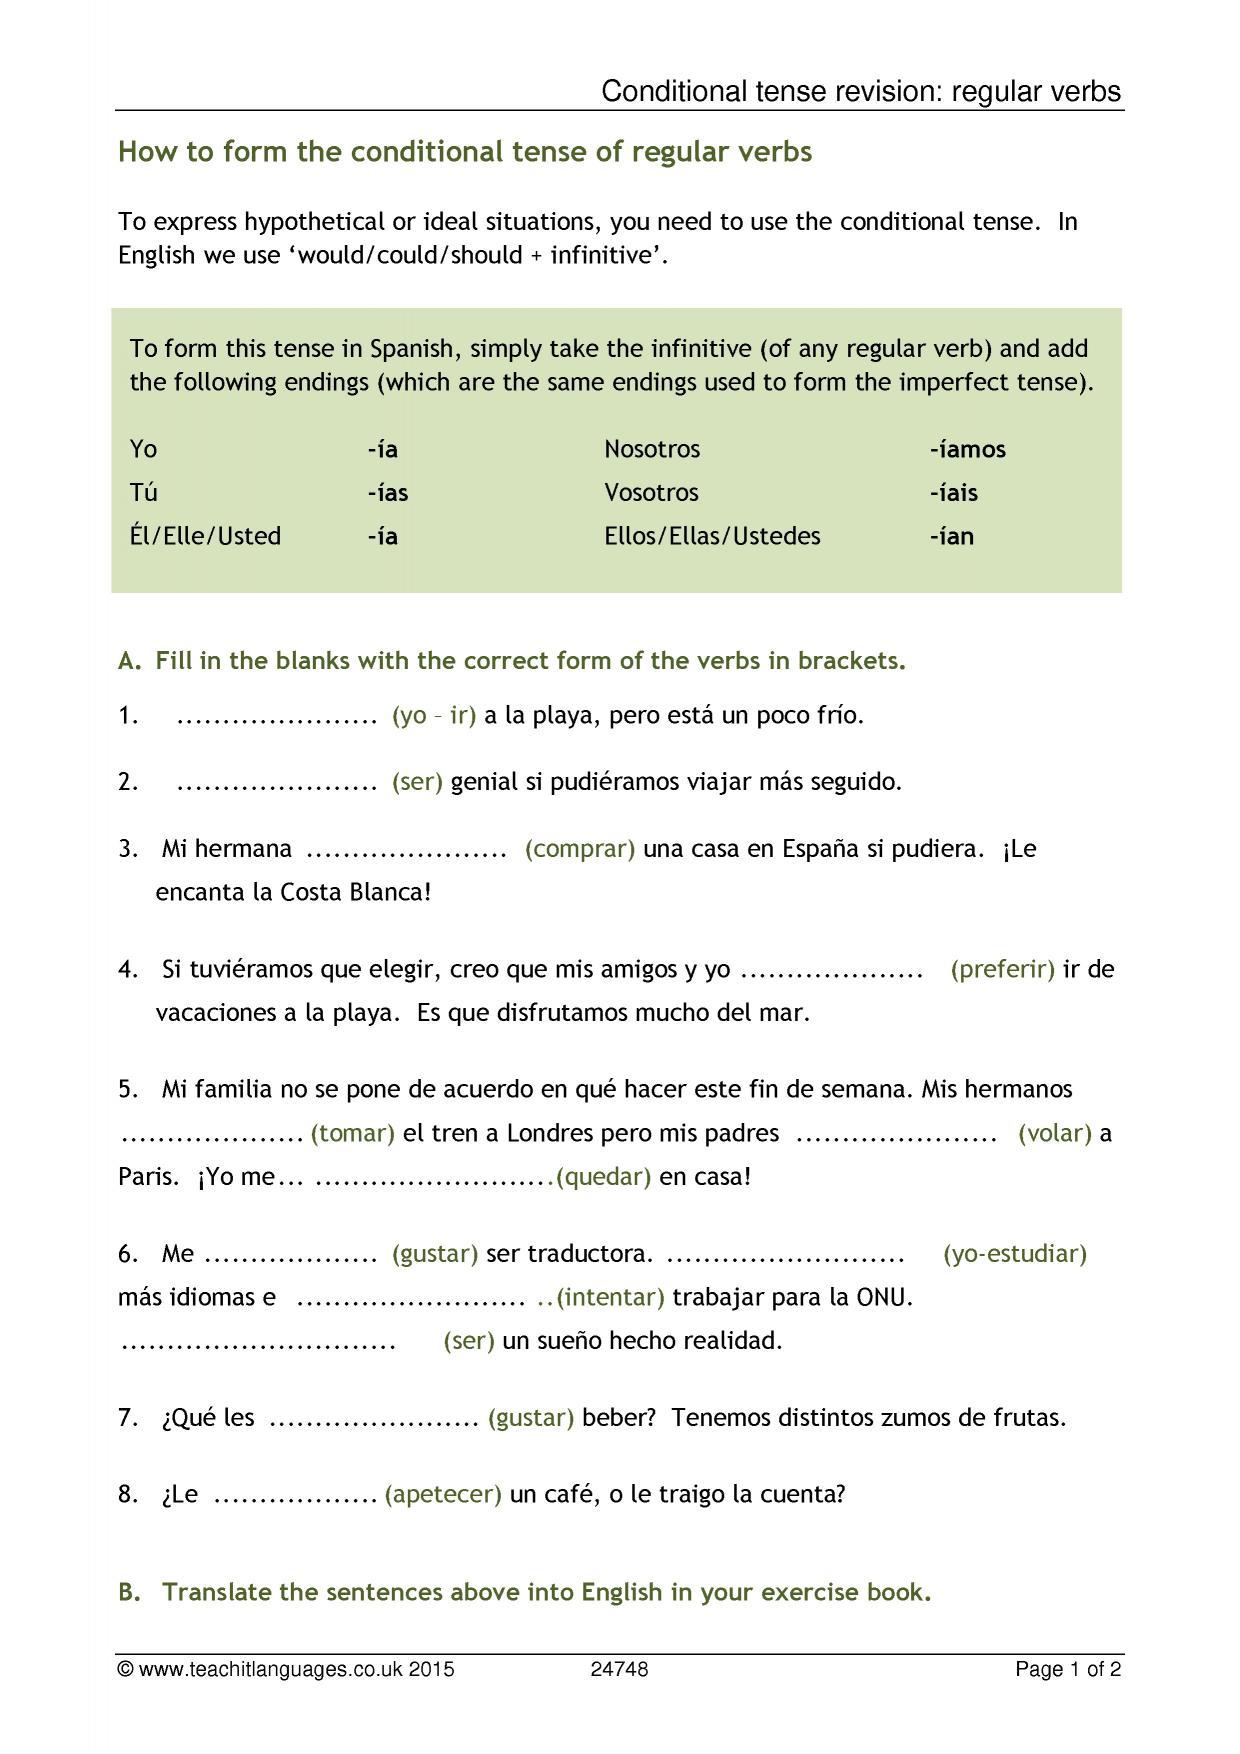 Conditional Tense Revision Regular Verbs